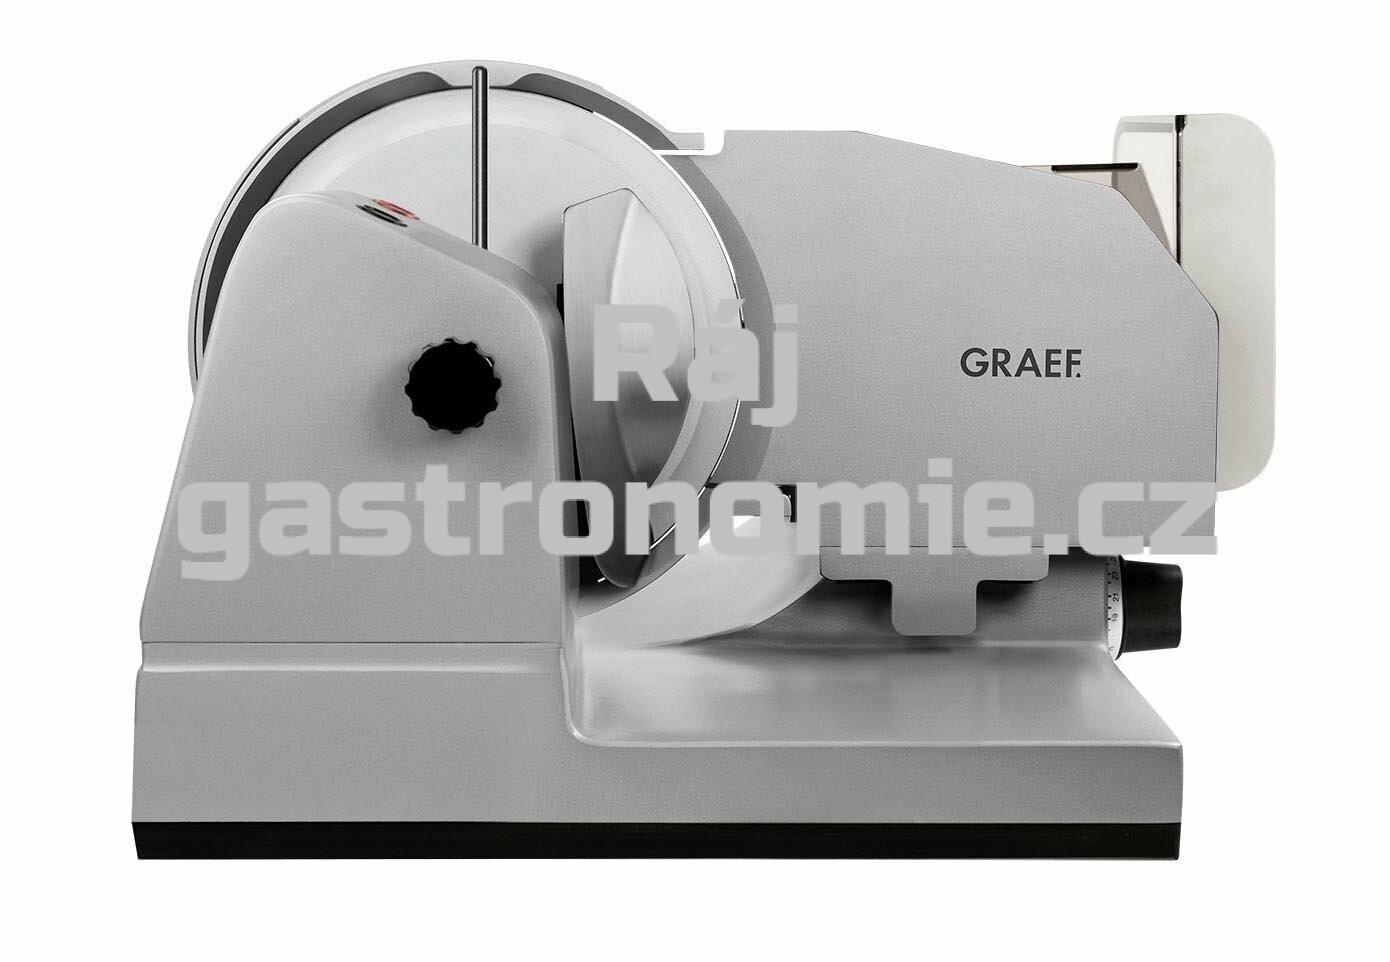 Nářezový stroj Graef Master 3020 CERA3